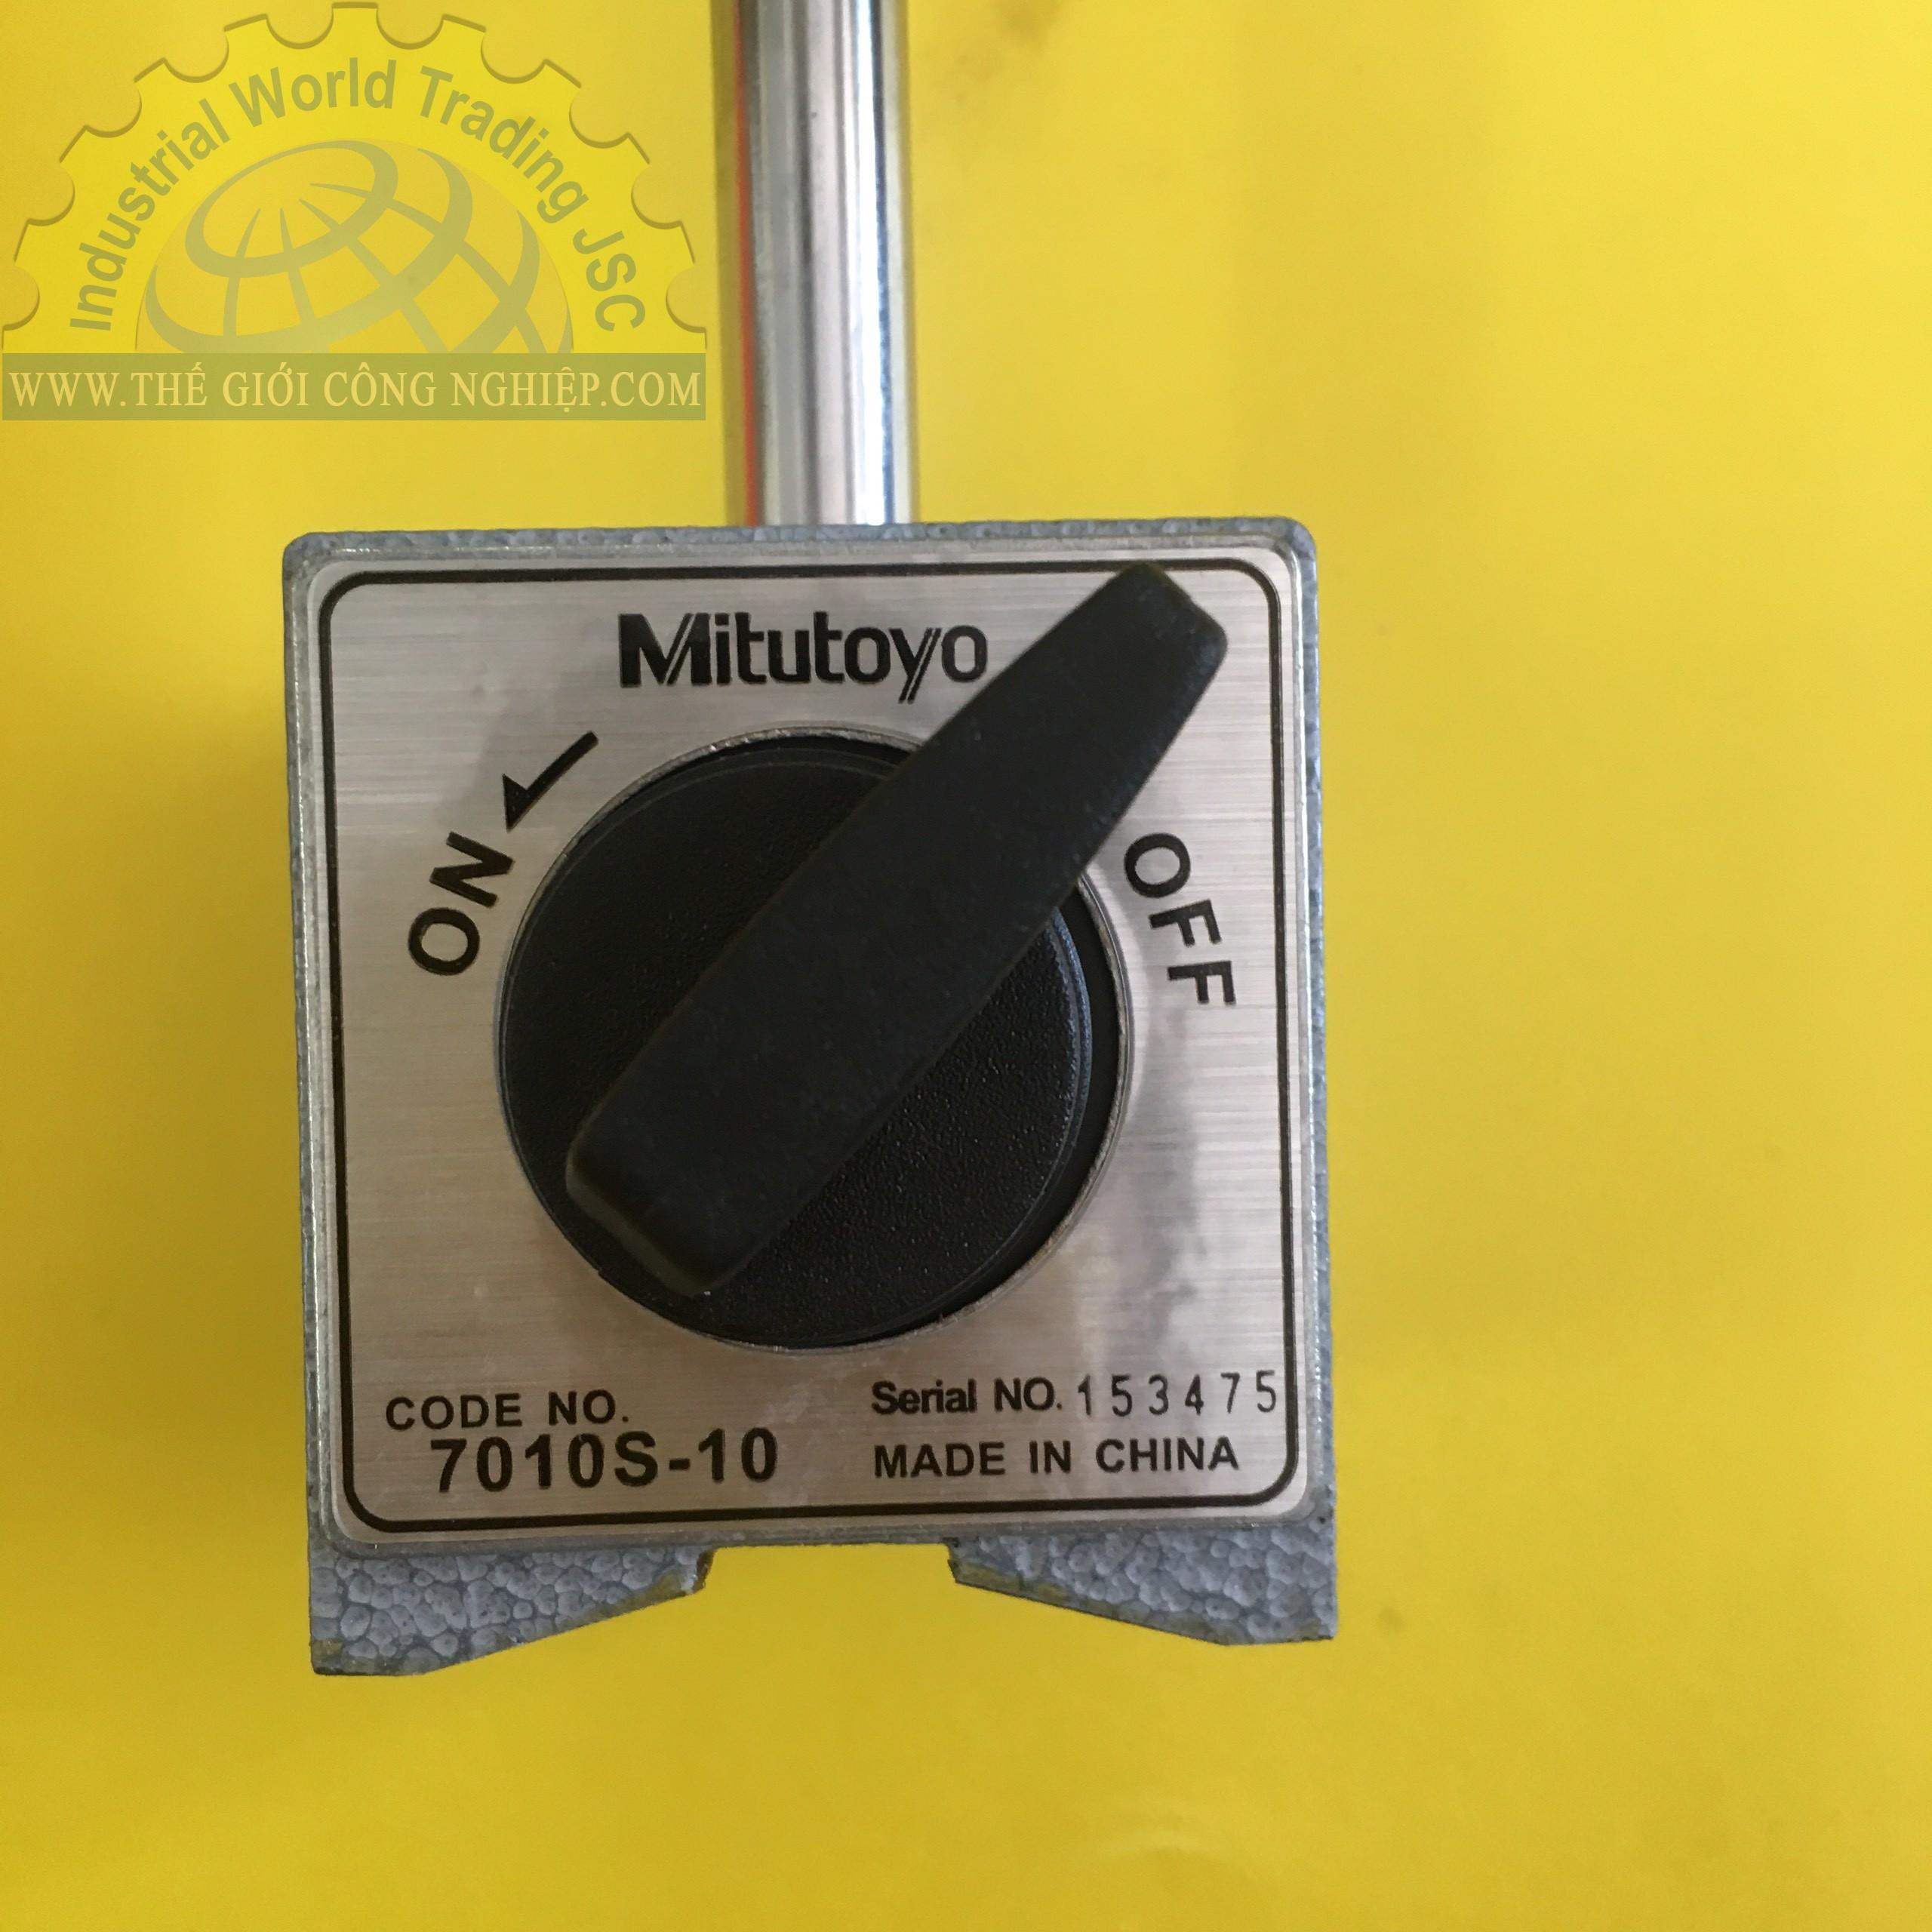 Chân đế cho đồng hồ so   7010S-10 MITUTOYO